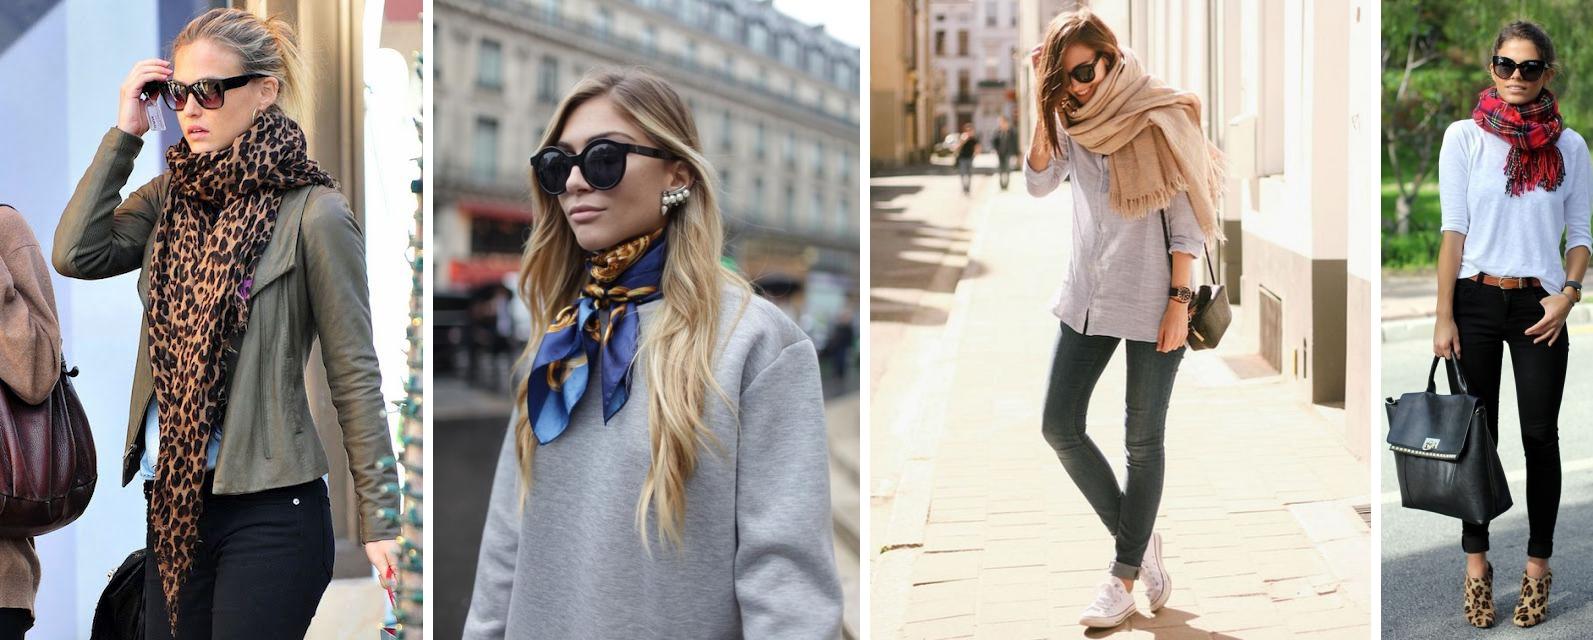 dicas de estilo no inverno como usar encharpe lenco